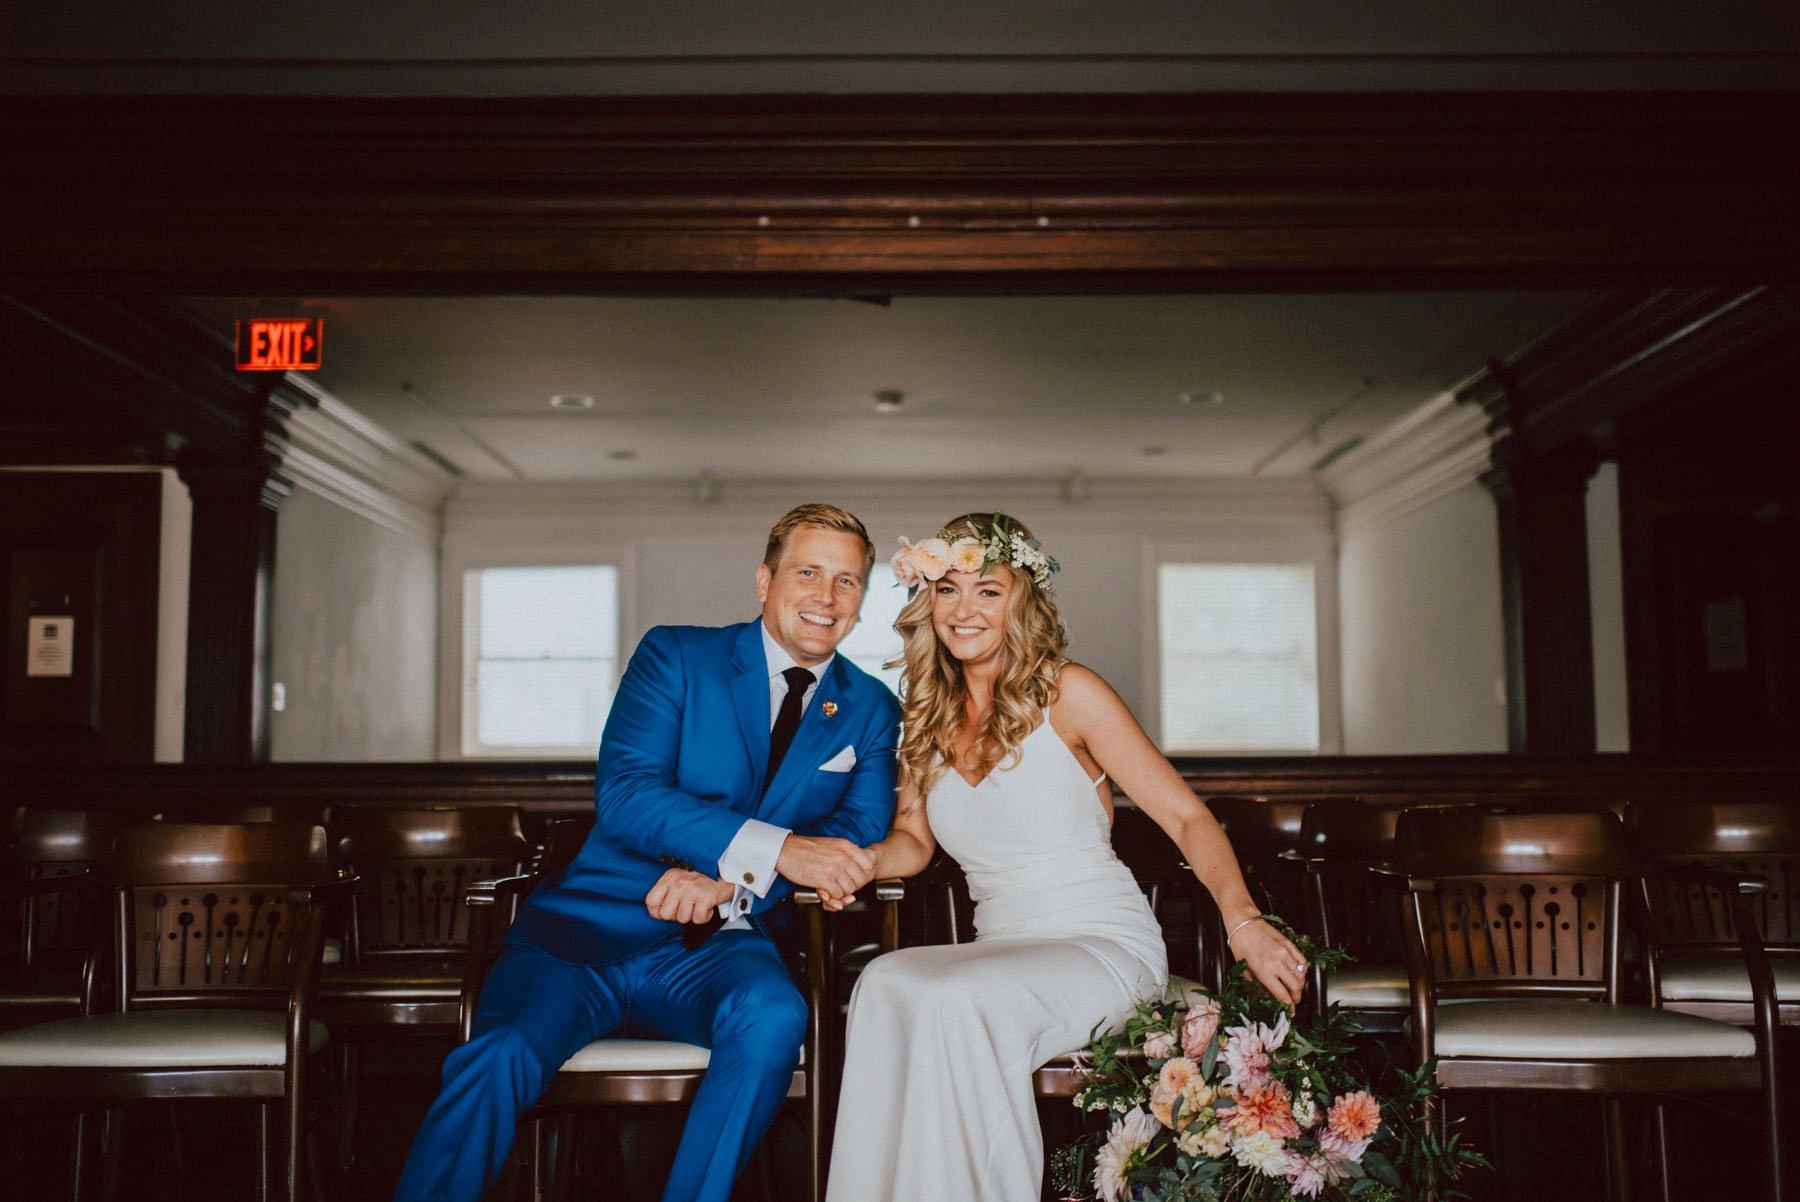 la-cheri-philadelphia-wedding-23.jpg